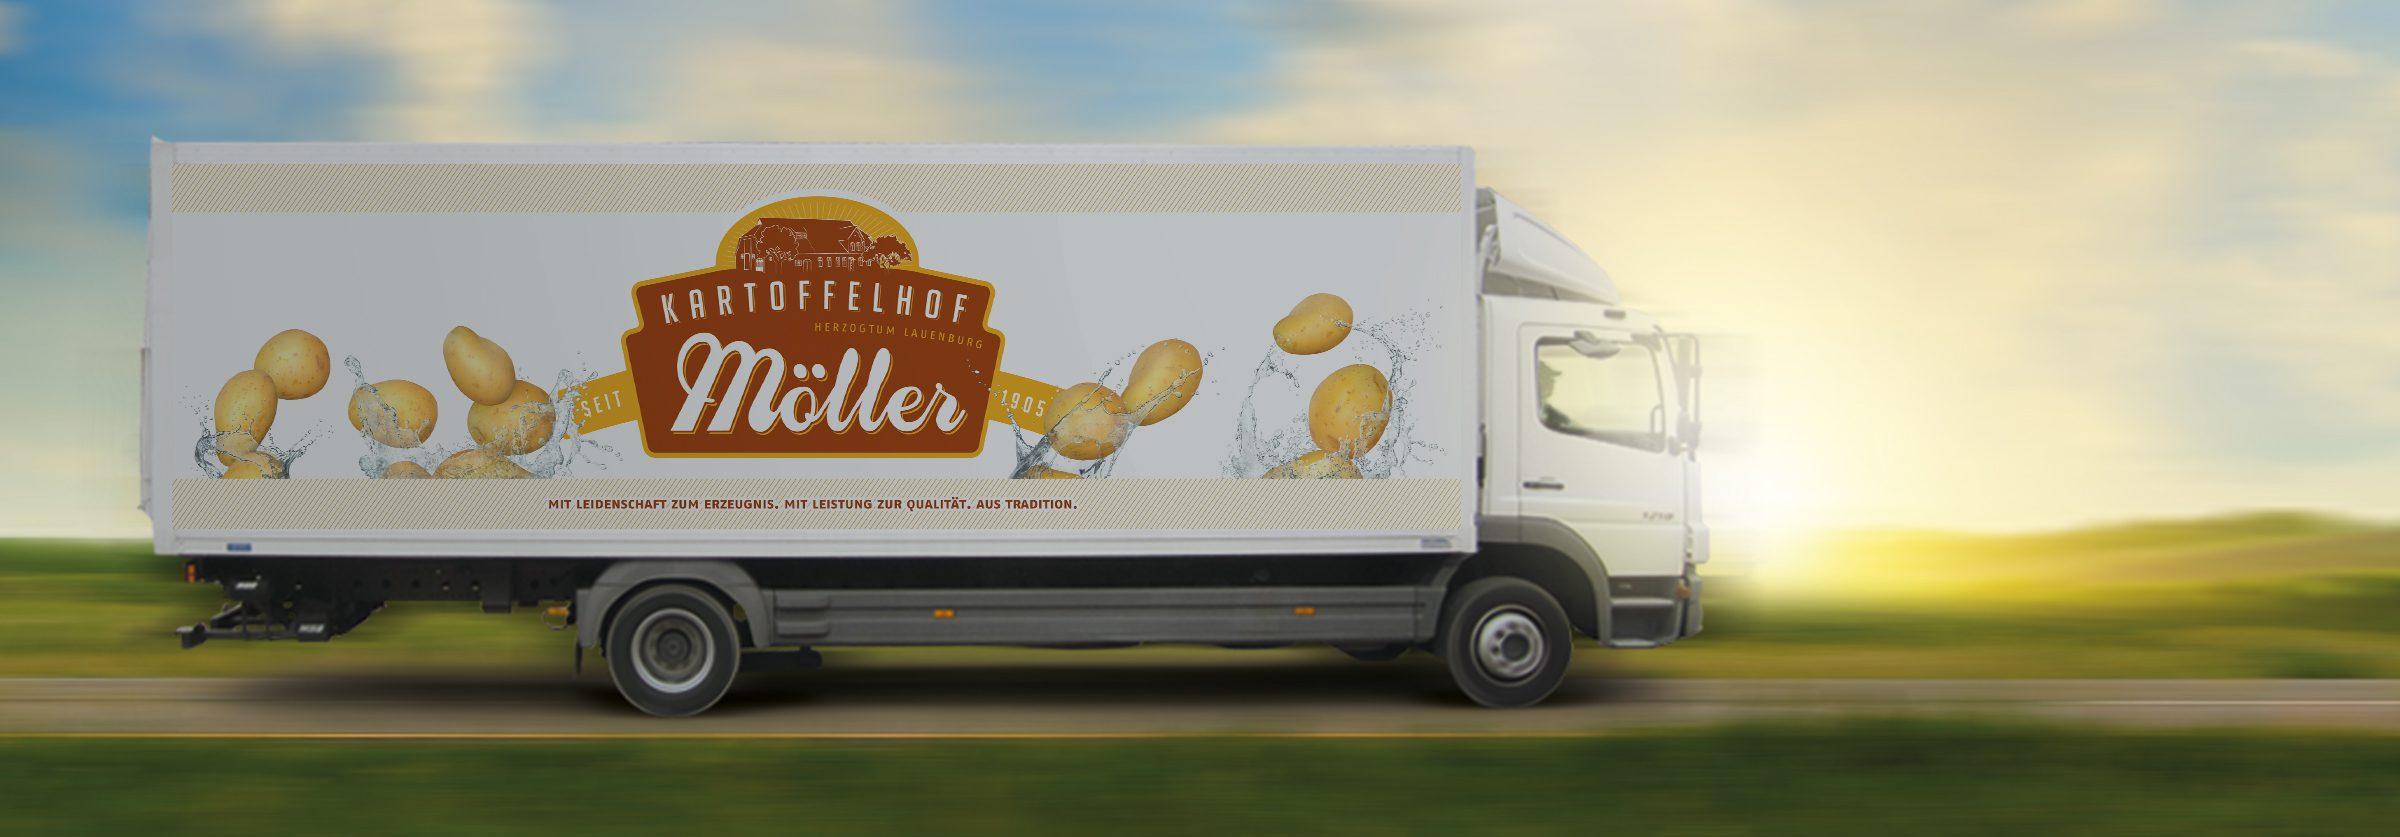 Kartoffelhof Möller Bartelsdorf - Kartoffeln Herzogtum Lauenburg